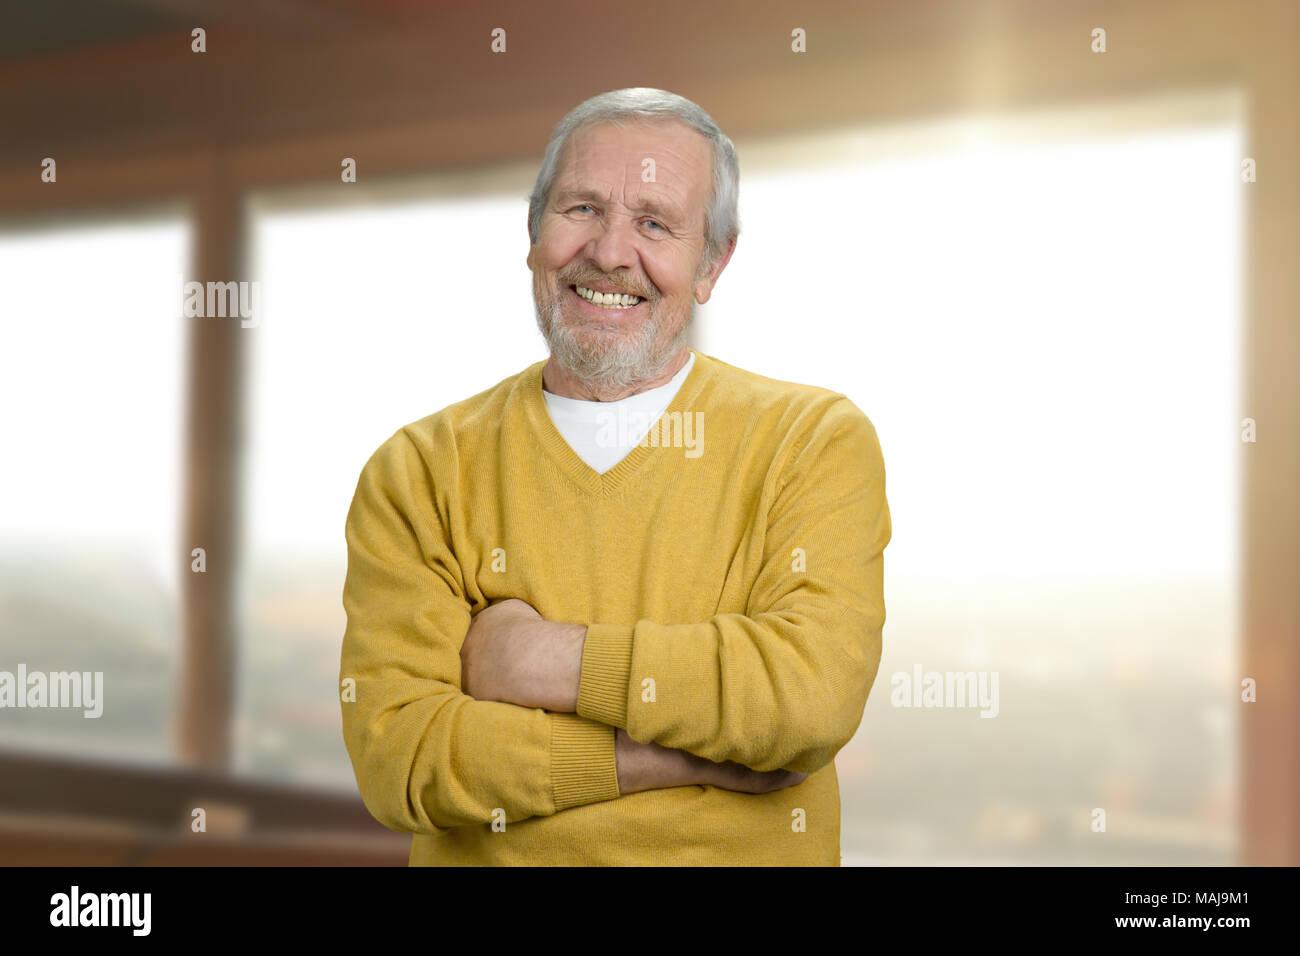 Ritratto del nonno sorridente a casa. Allegro vecchio uomo in felpa gialla  con attraversata bracci fc4e5d6381cb